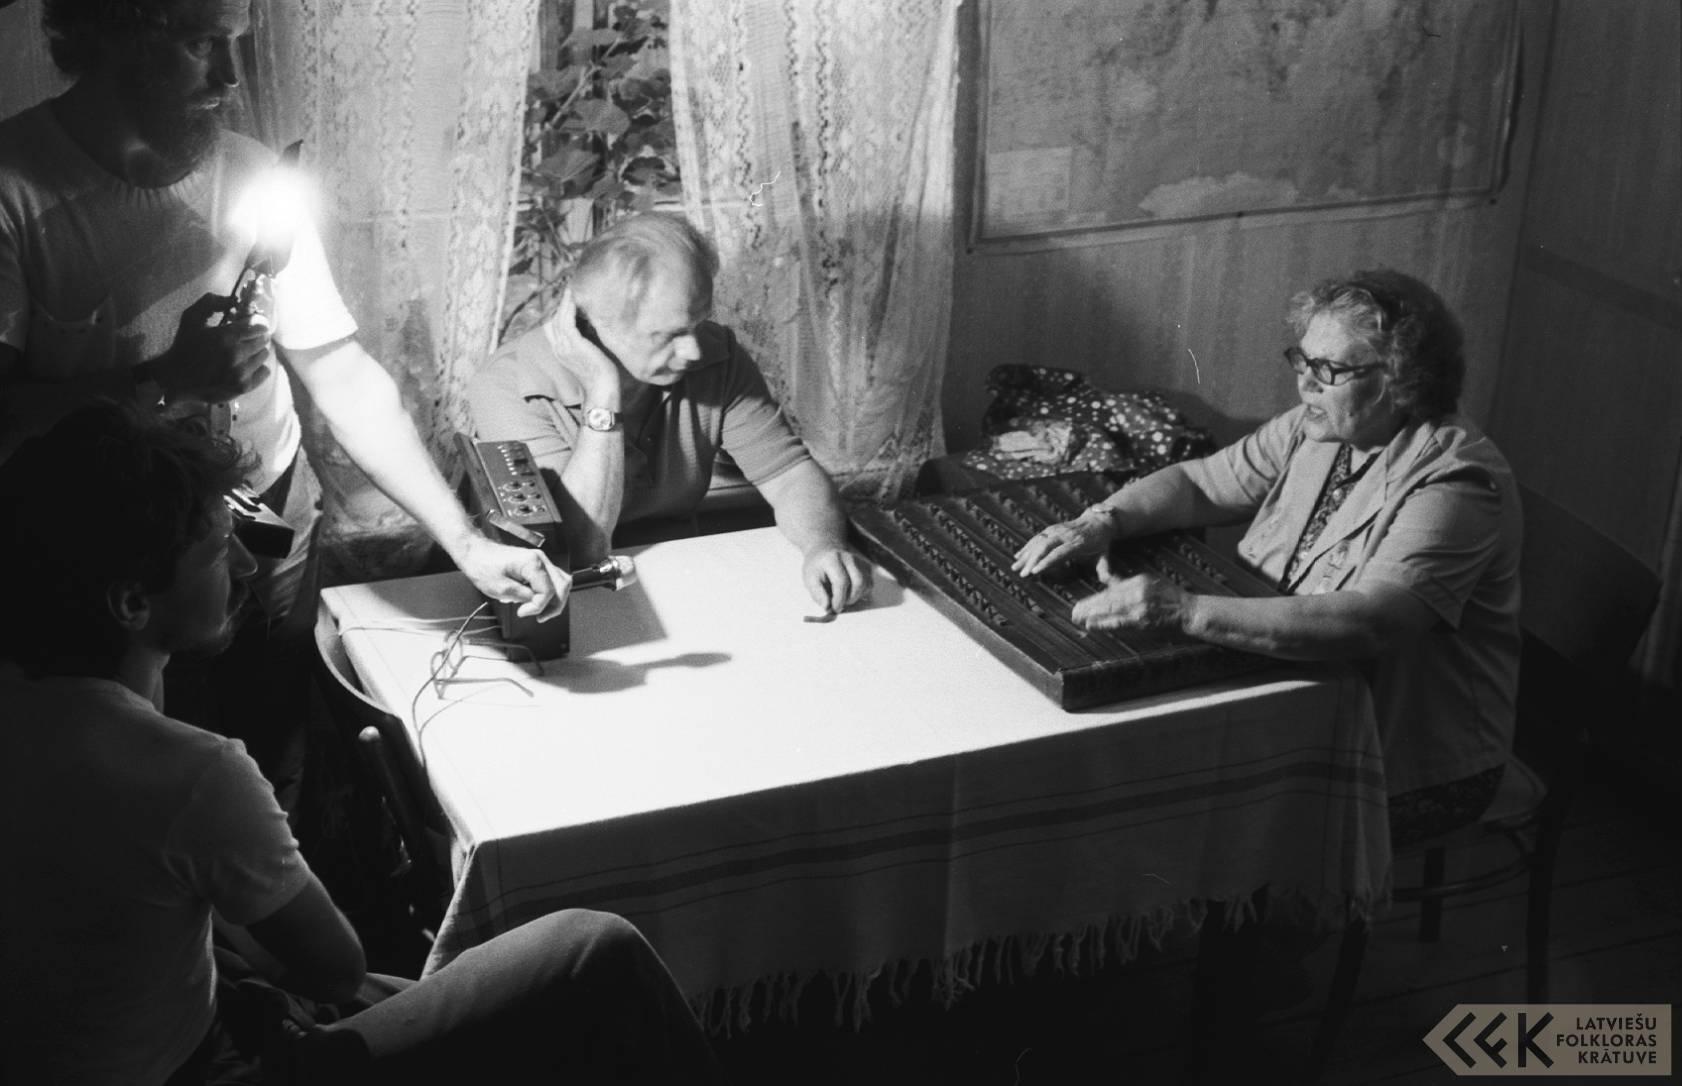 Režisors Zigurds Vidiņš, folklorists Jānis Rozenbergs un dzejniece Broņislava Martuževa